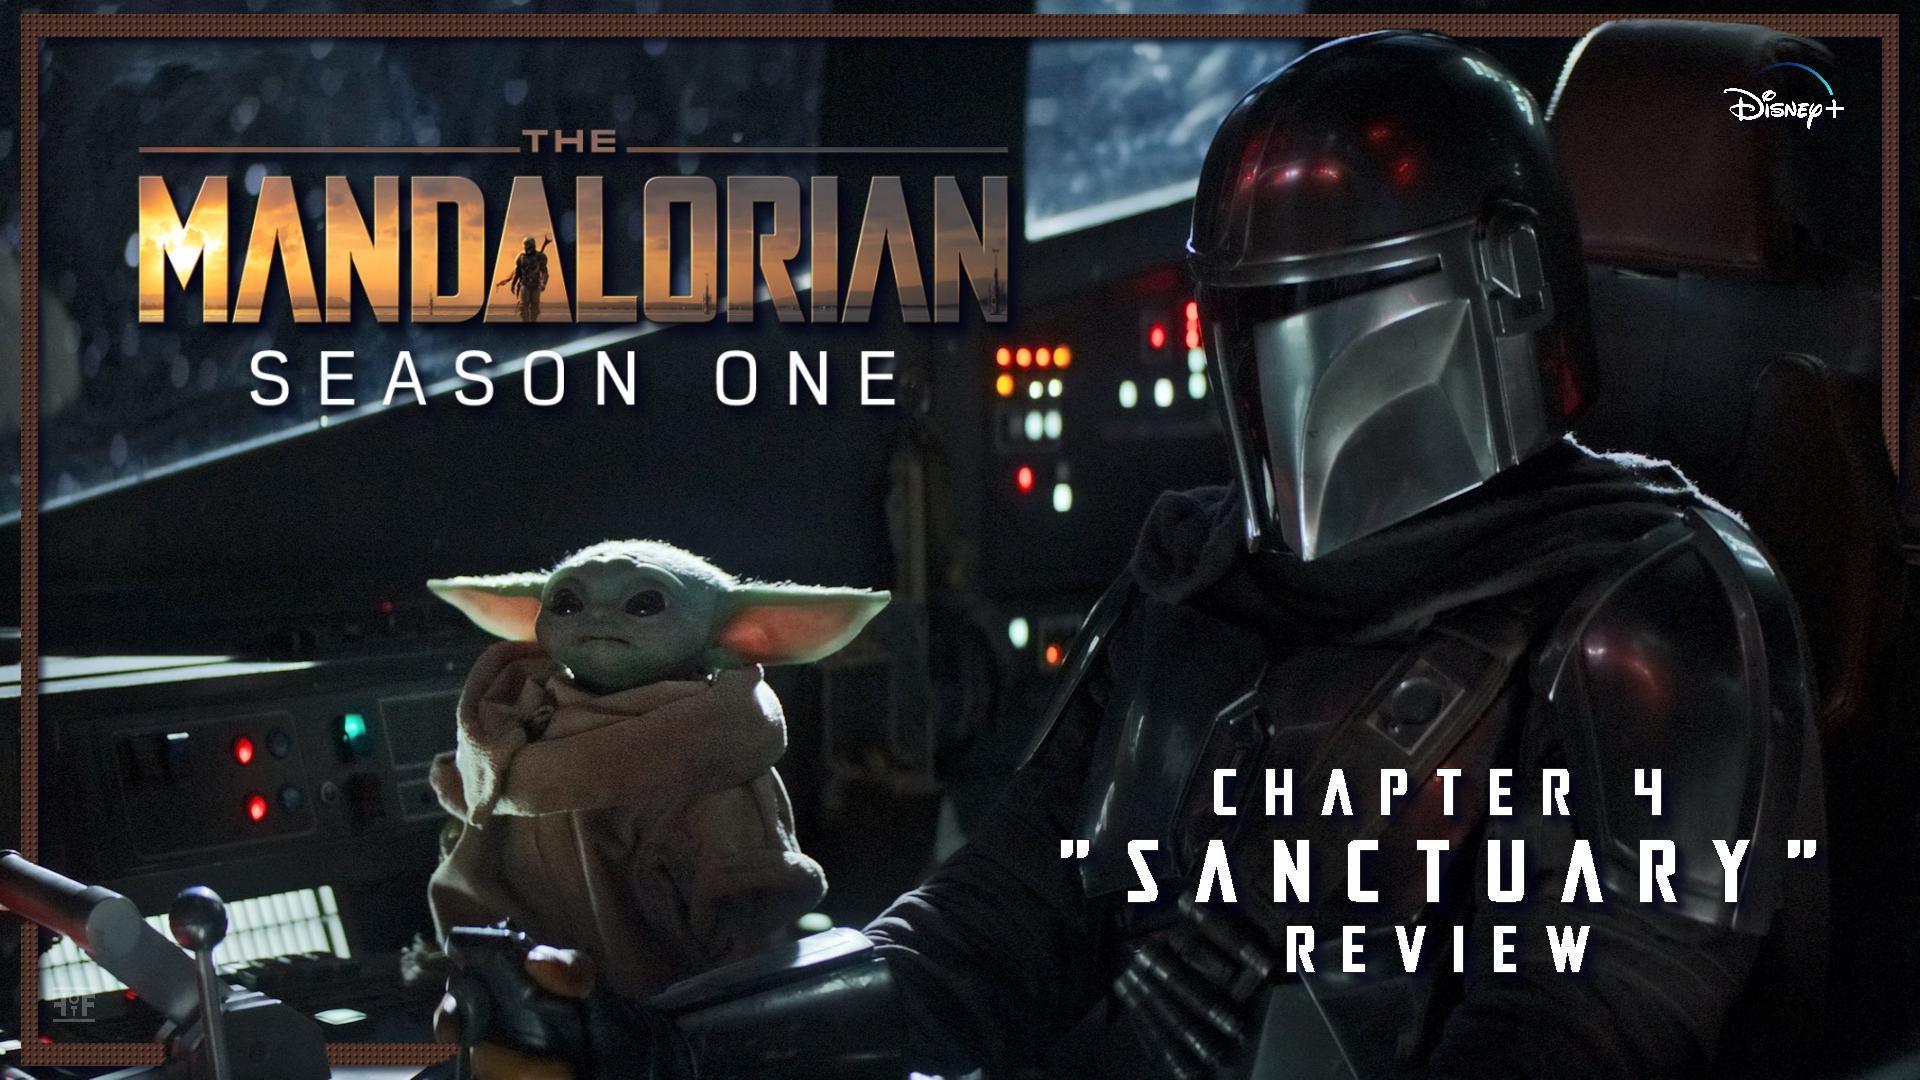 The Mandalorian Chapter 4 Sanctuary Review